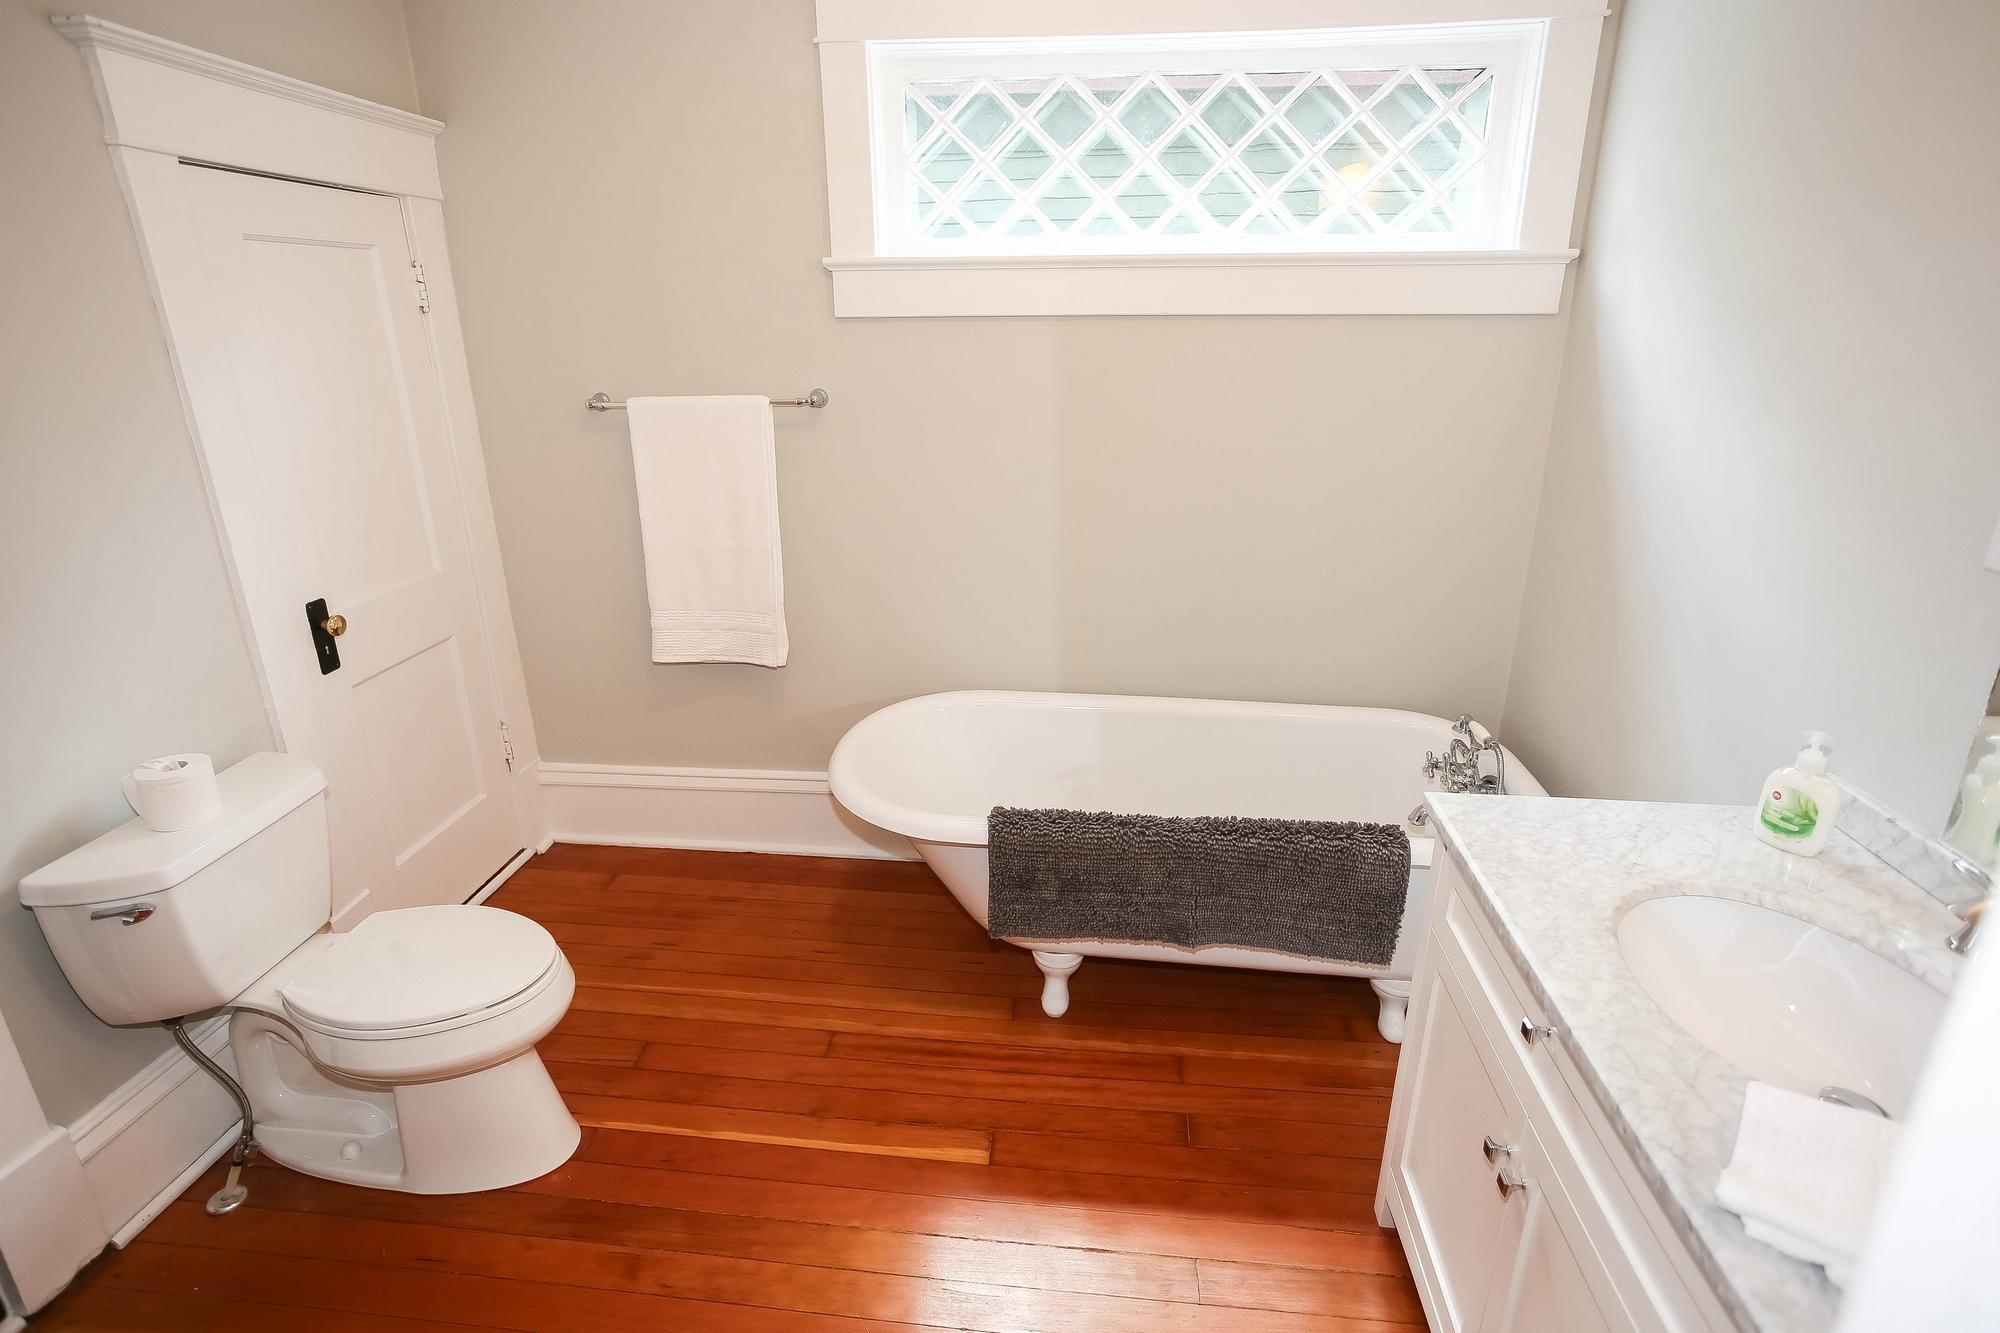 Photo 24: Photos: 108 LENORE Street in Winnipeg: Wolseley Single Family Detached for sale (5B)  : MLS®# 202013079